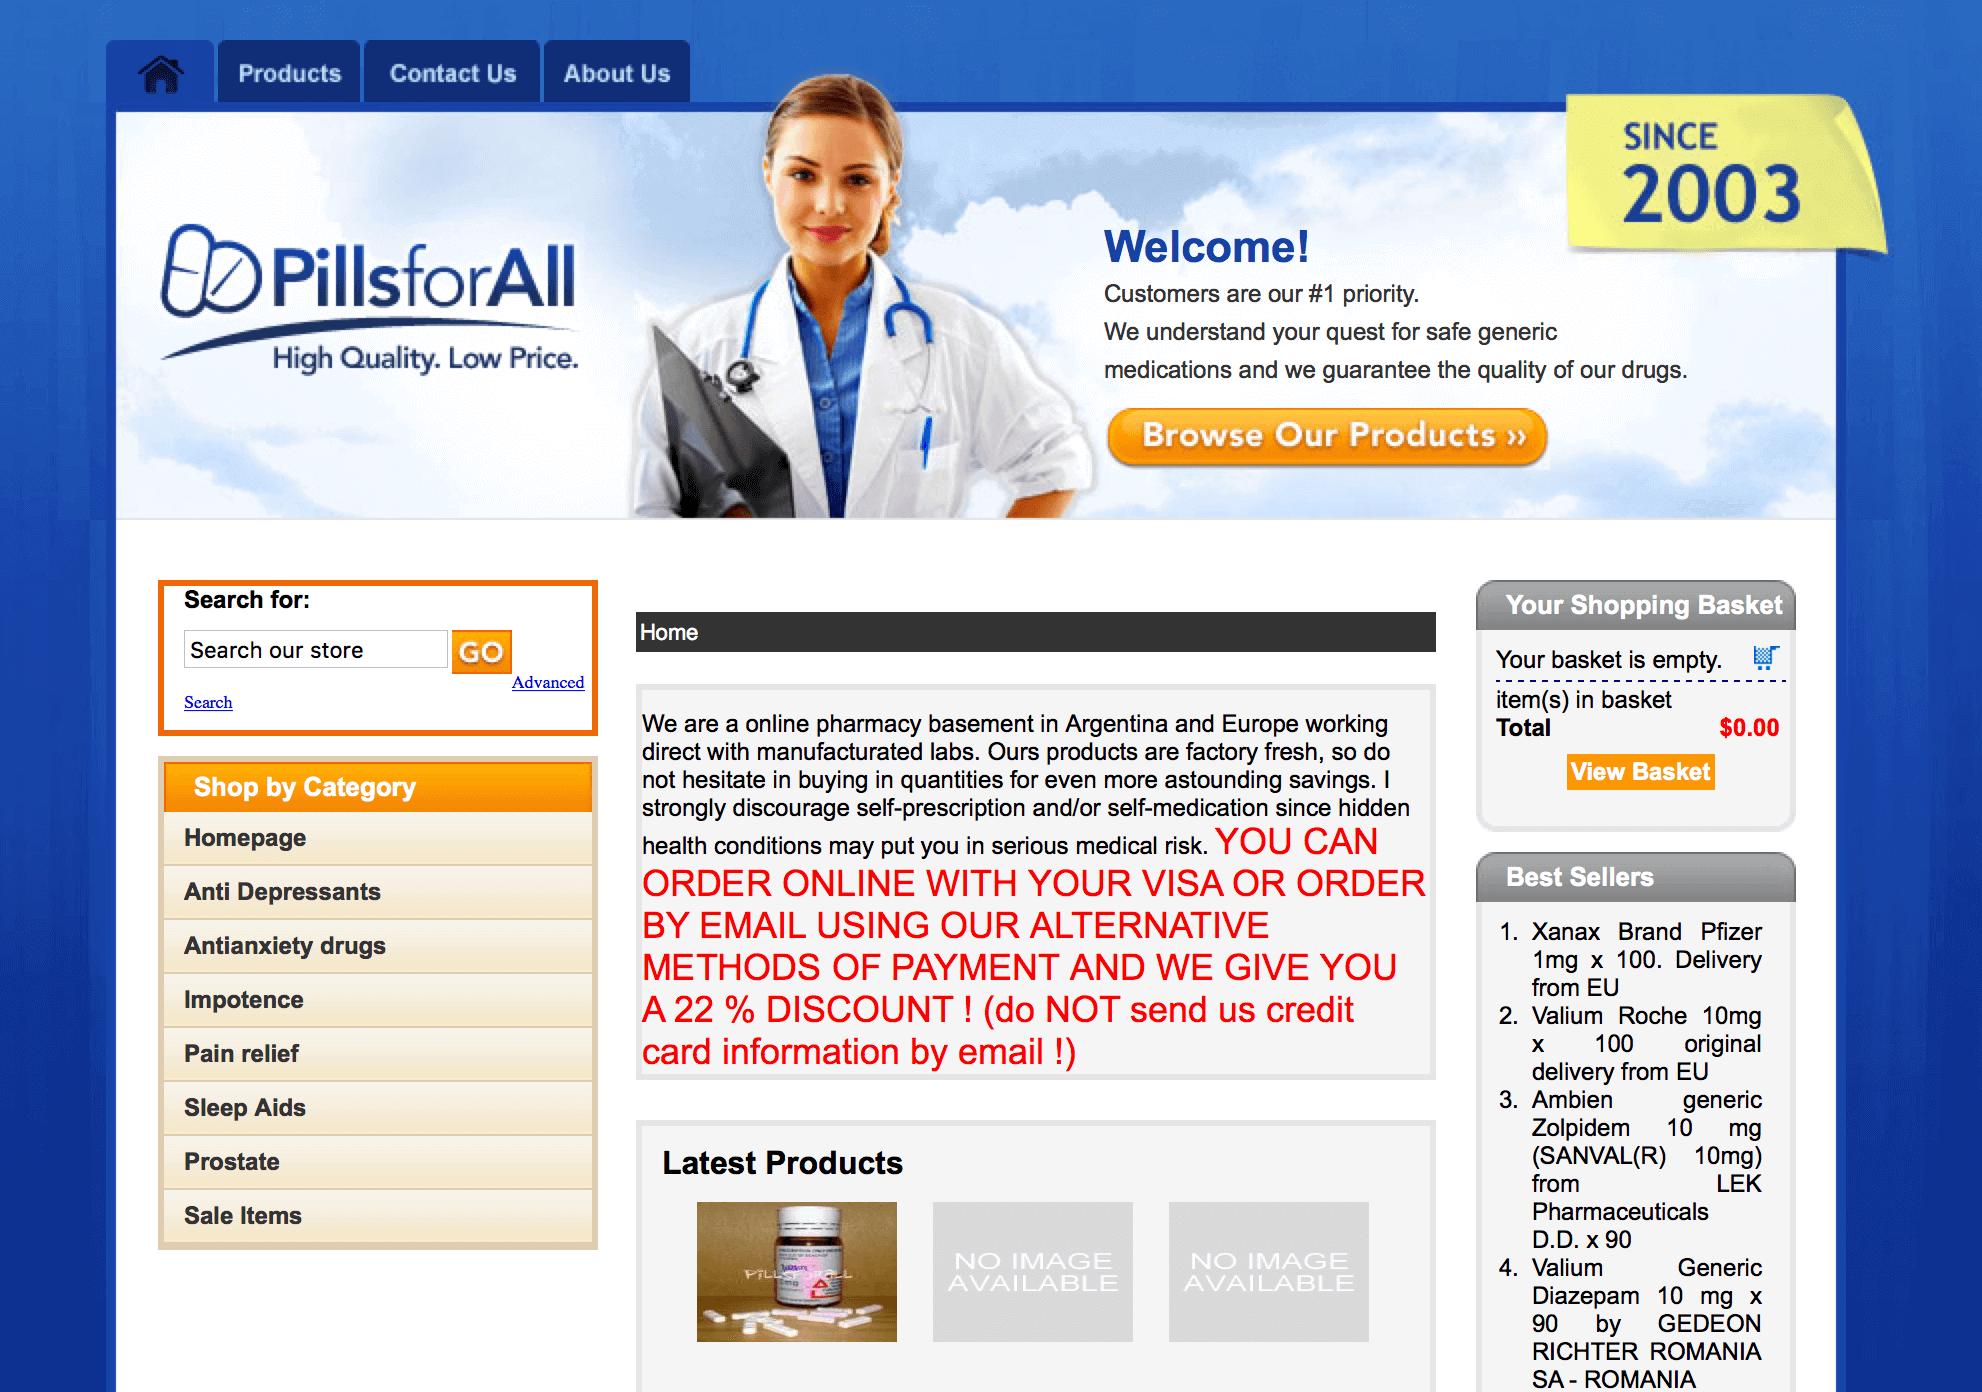 PillsForAll.com Pharmacy Review